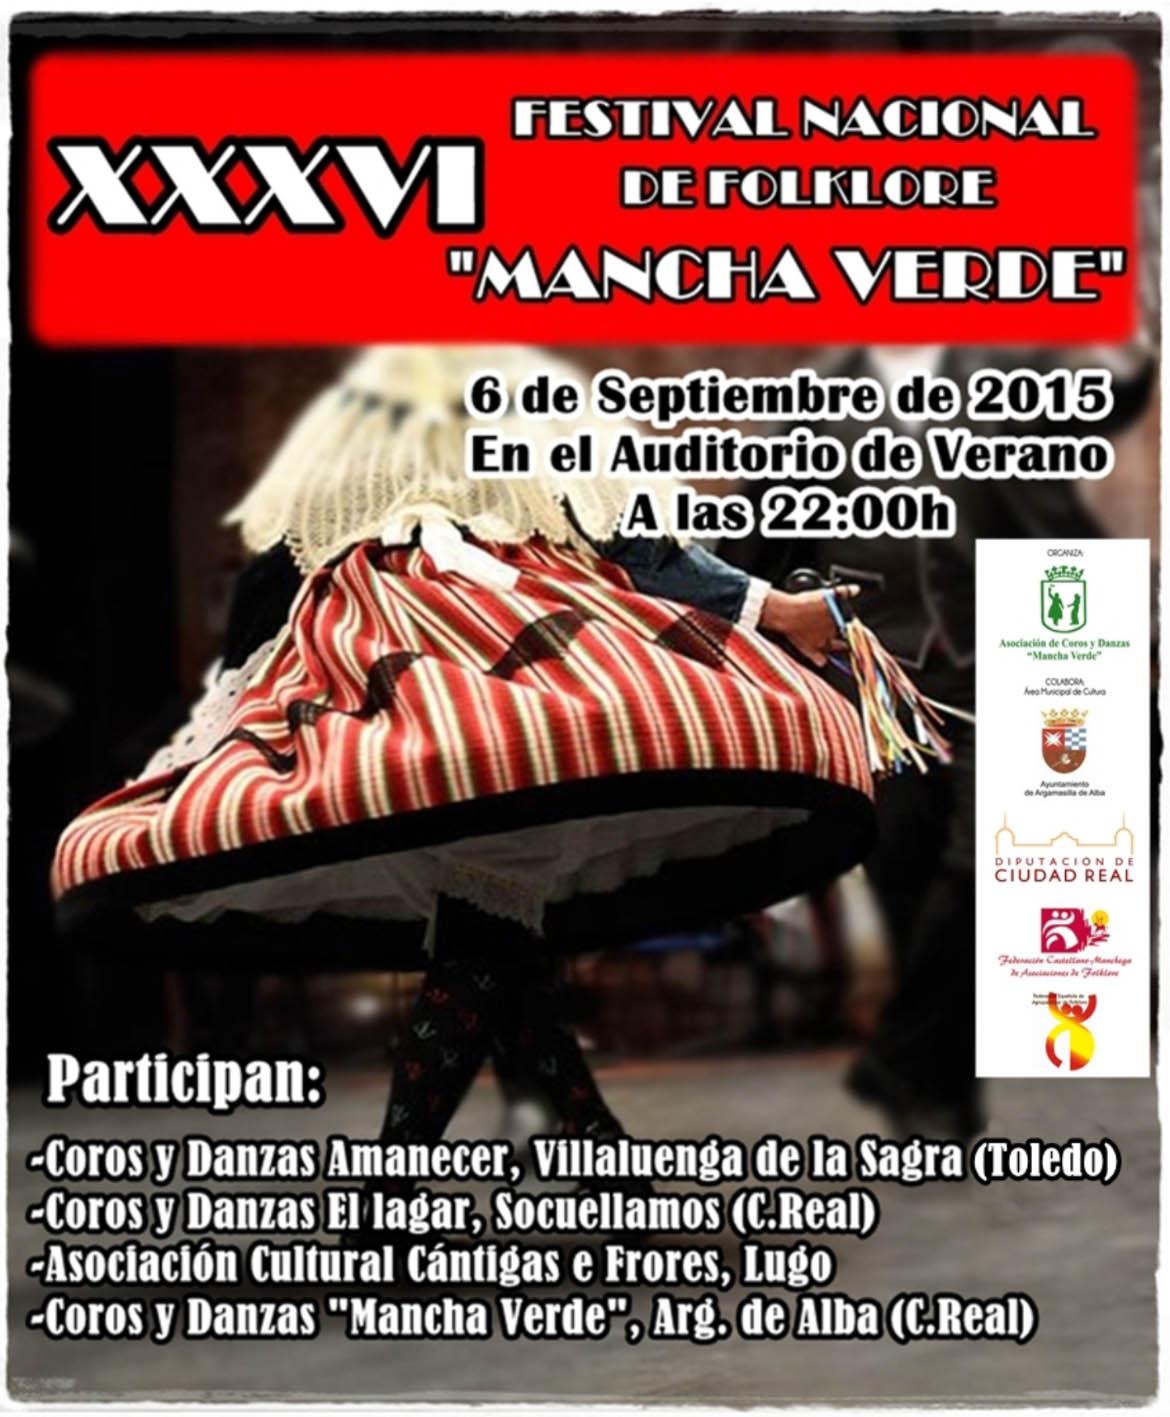 Festival nacional 2015_02